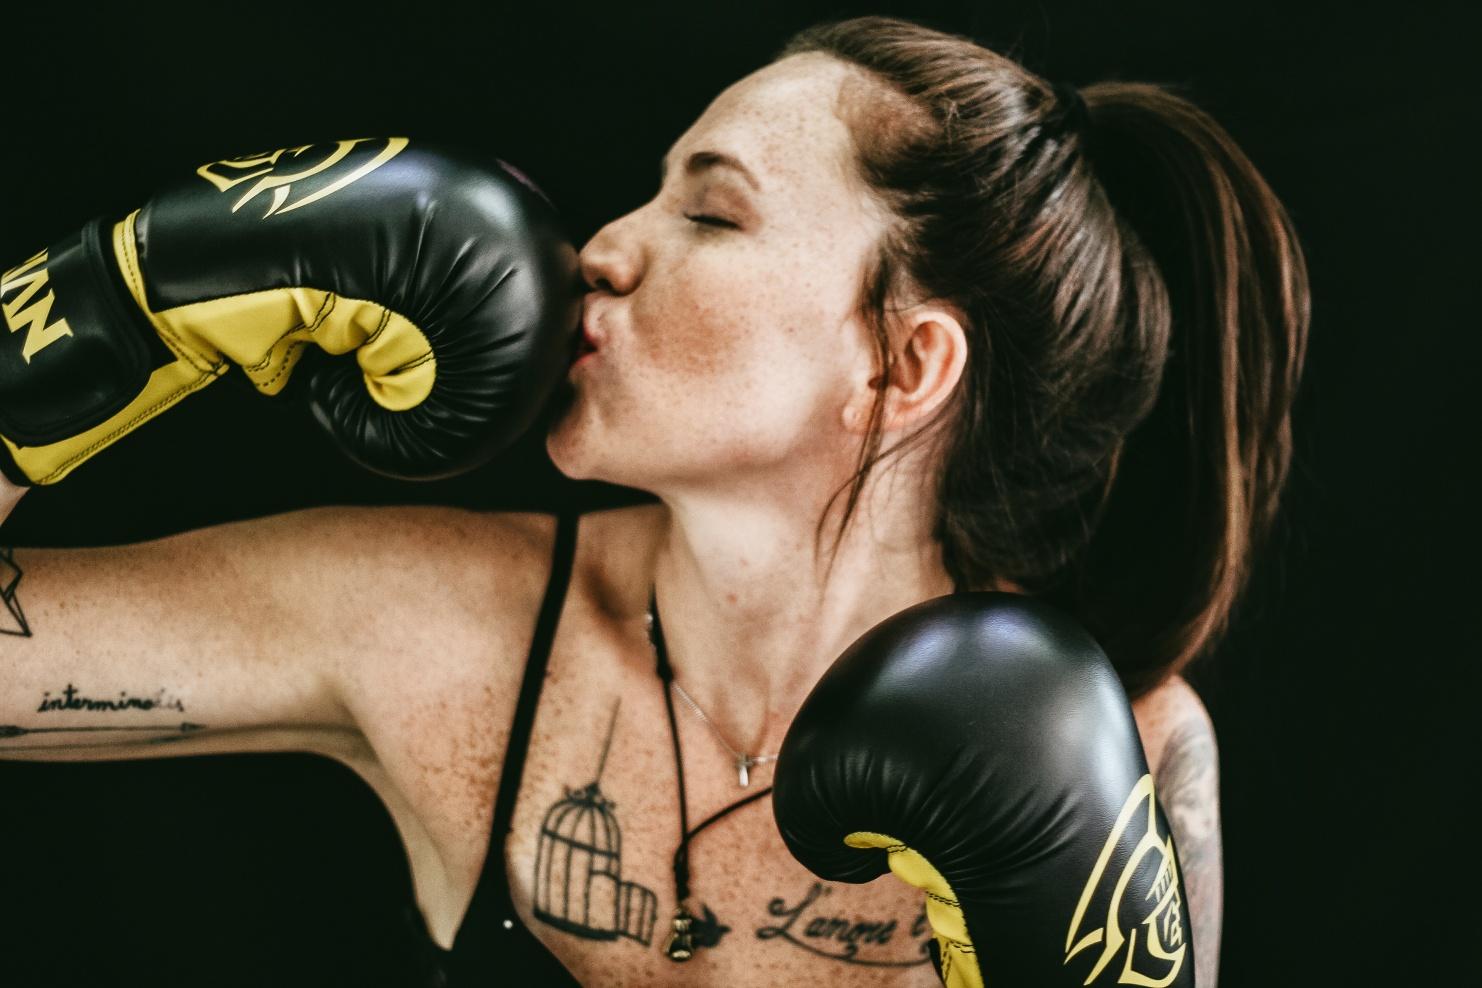 Boxerin küsst eine Hand im Boxhandschuh © Matheus Ferrero for Unsplash